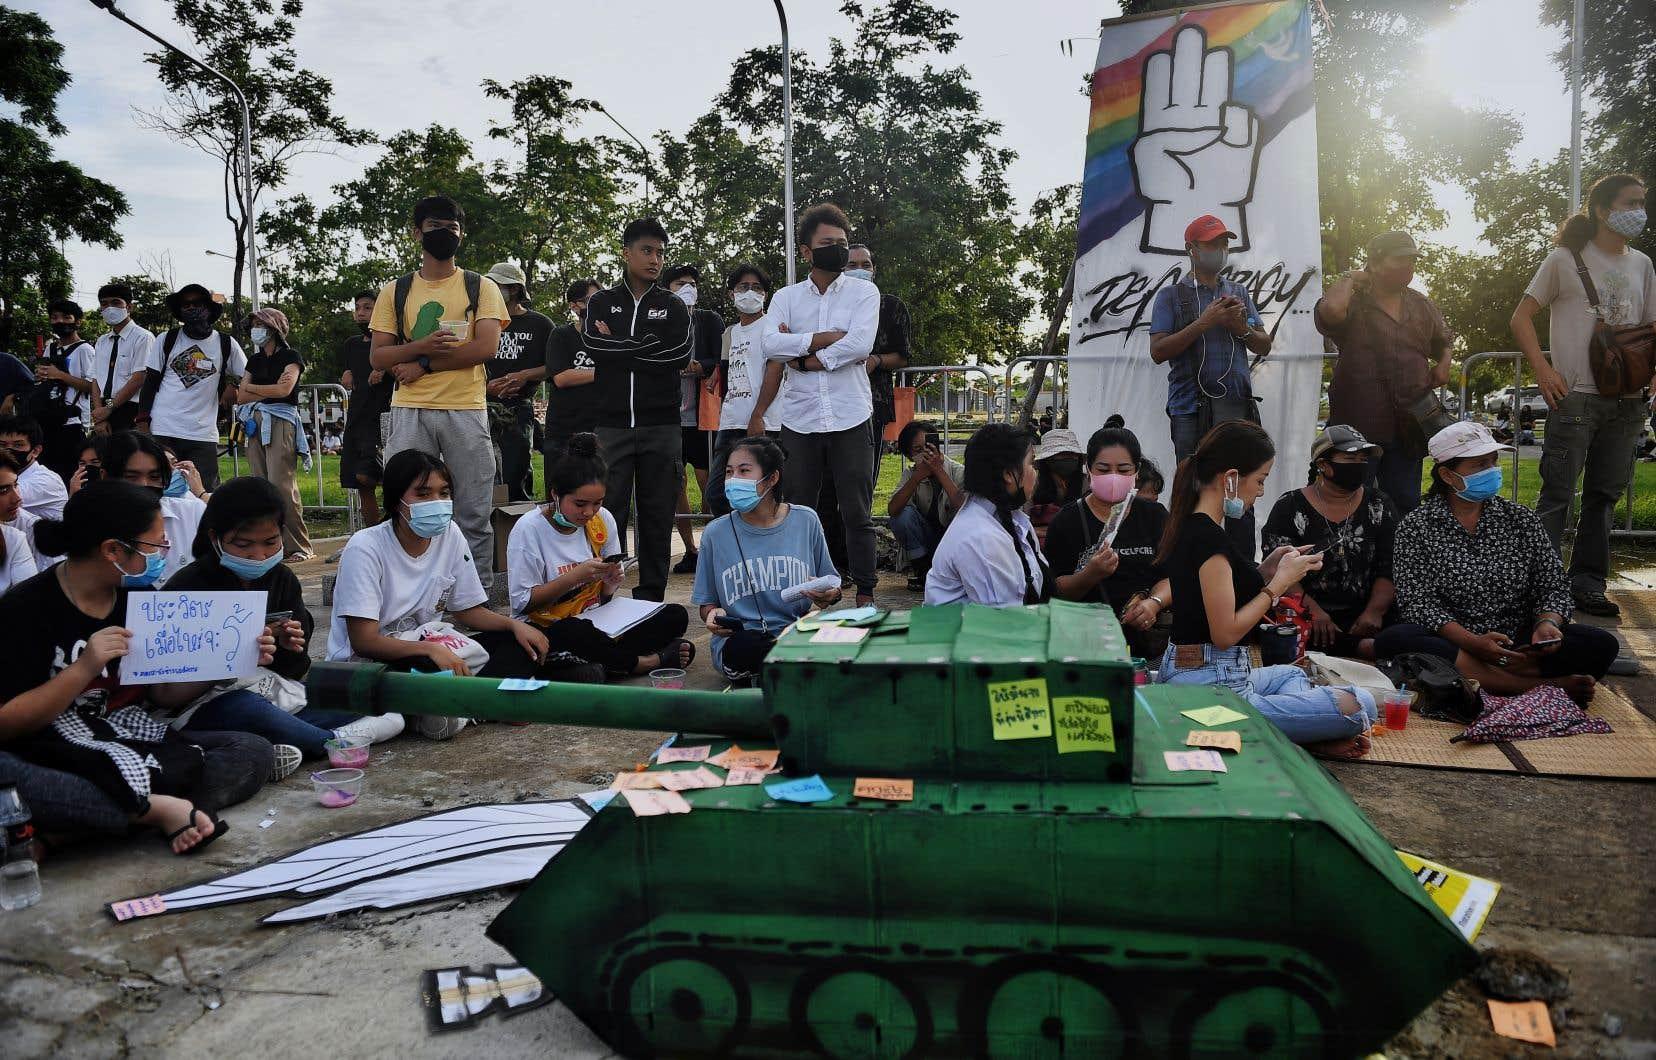 Depuis le mois dernier, des manifestations quasi-quotidiennes sont organisées par des groupes d'étudiants sur les campus thaïlandais.